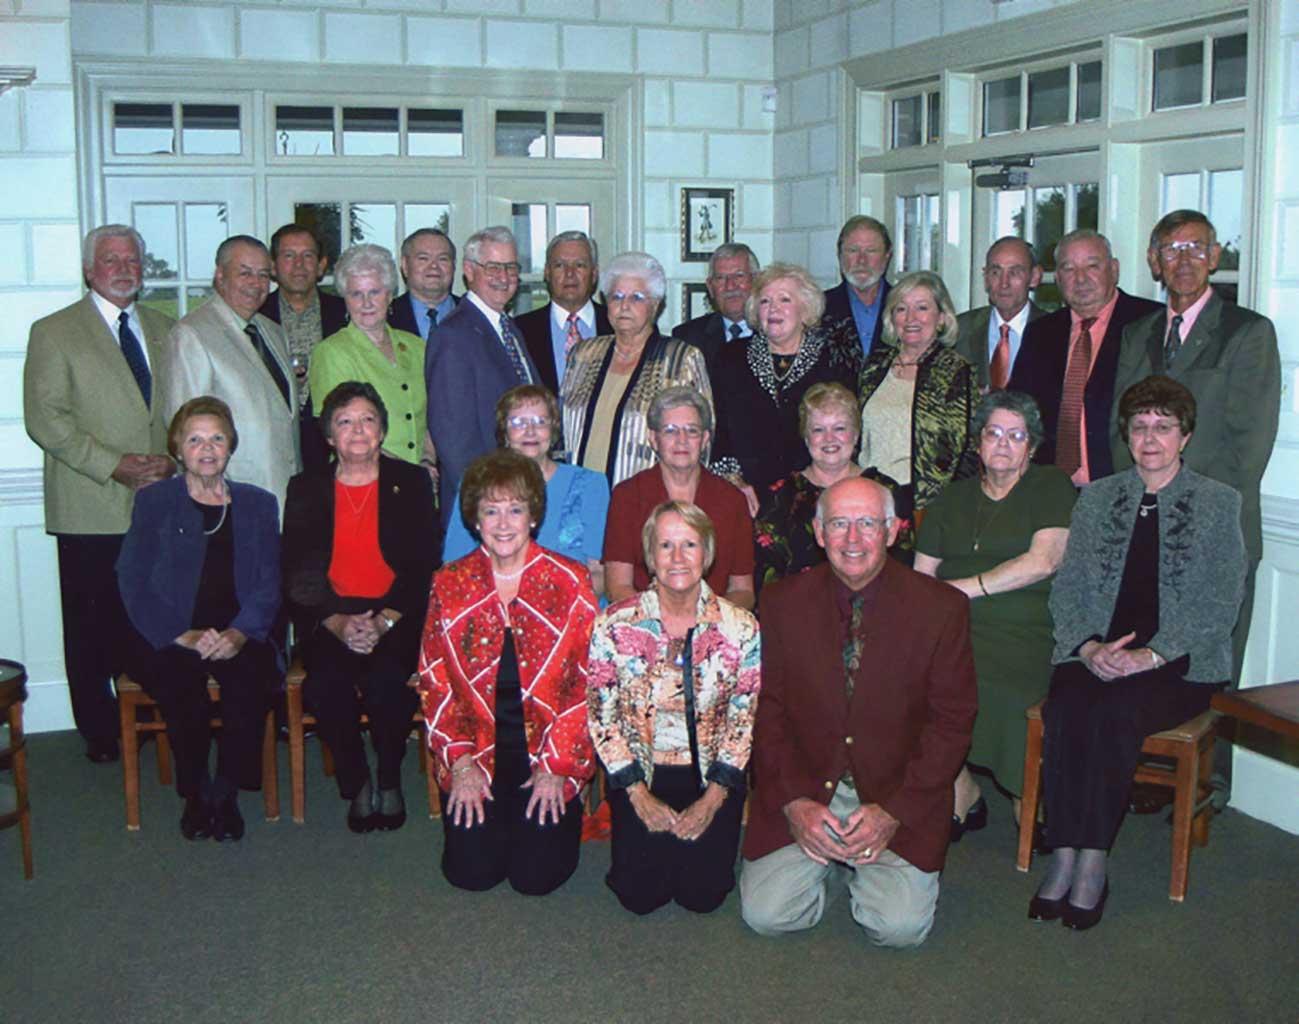 chs-class-1956-reunion-2006-img-111